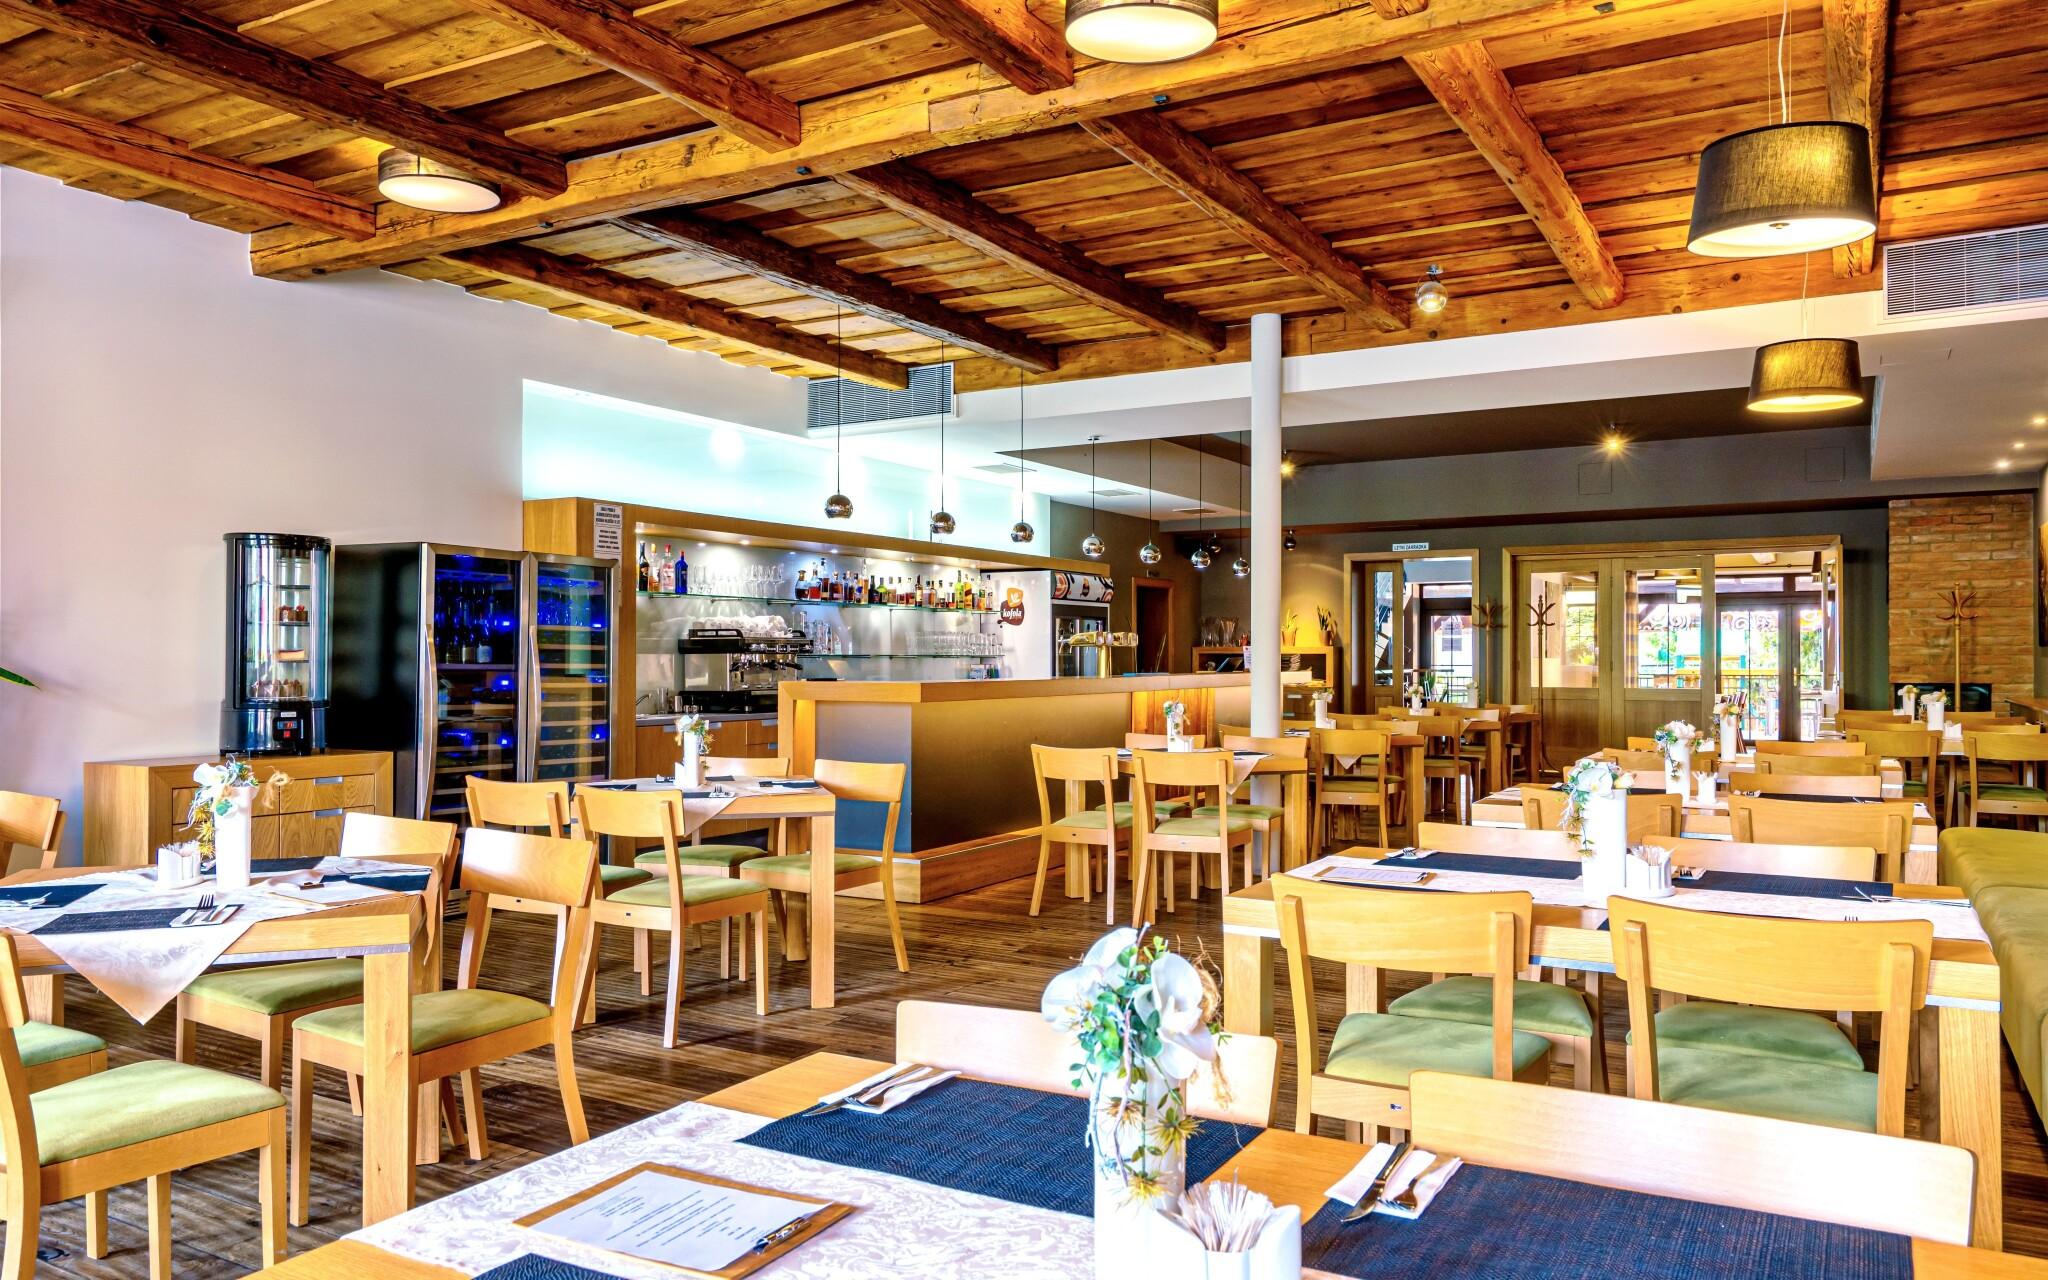 Reštaurácia, Hotel Lidový dům***, Bzenec, Slovácko